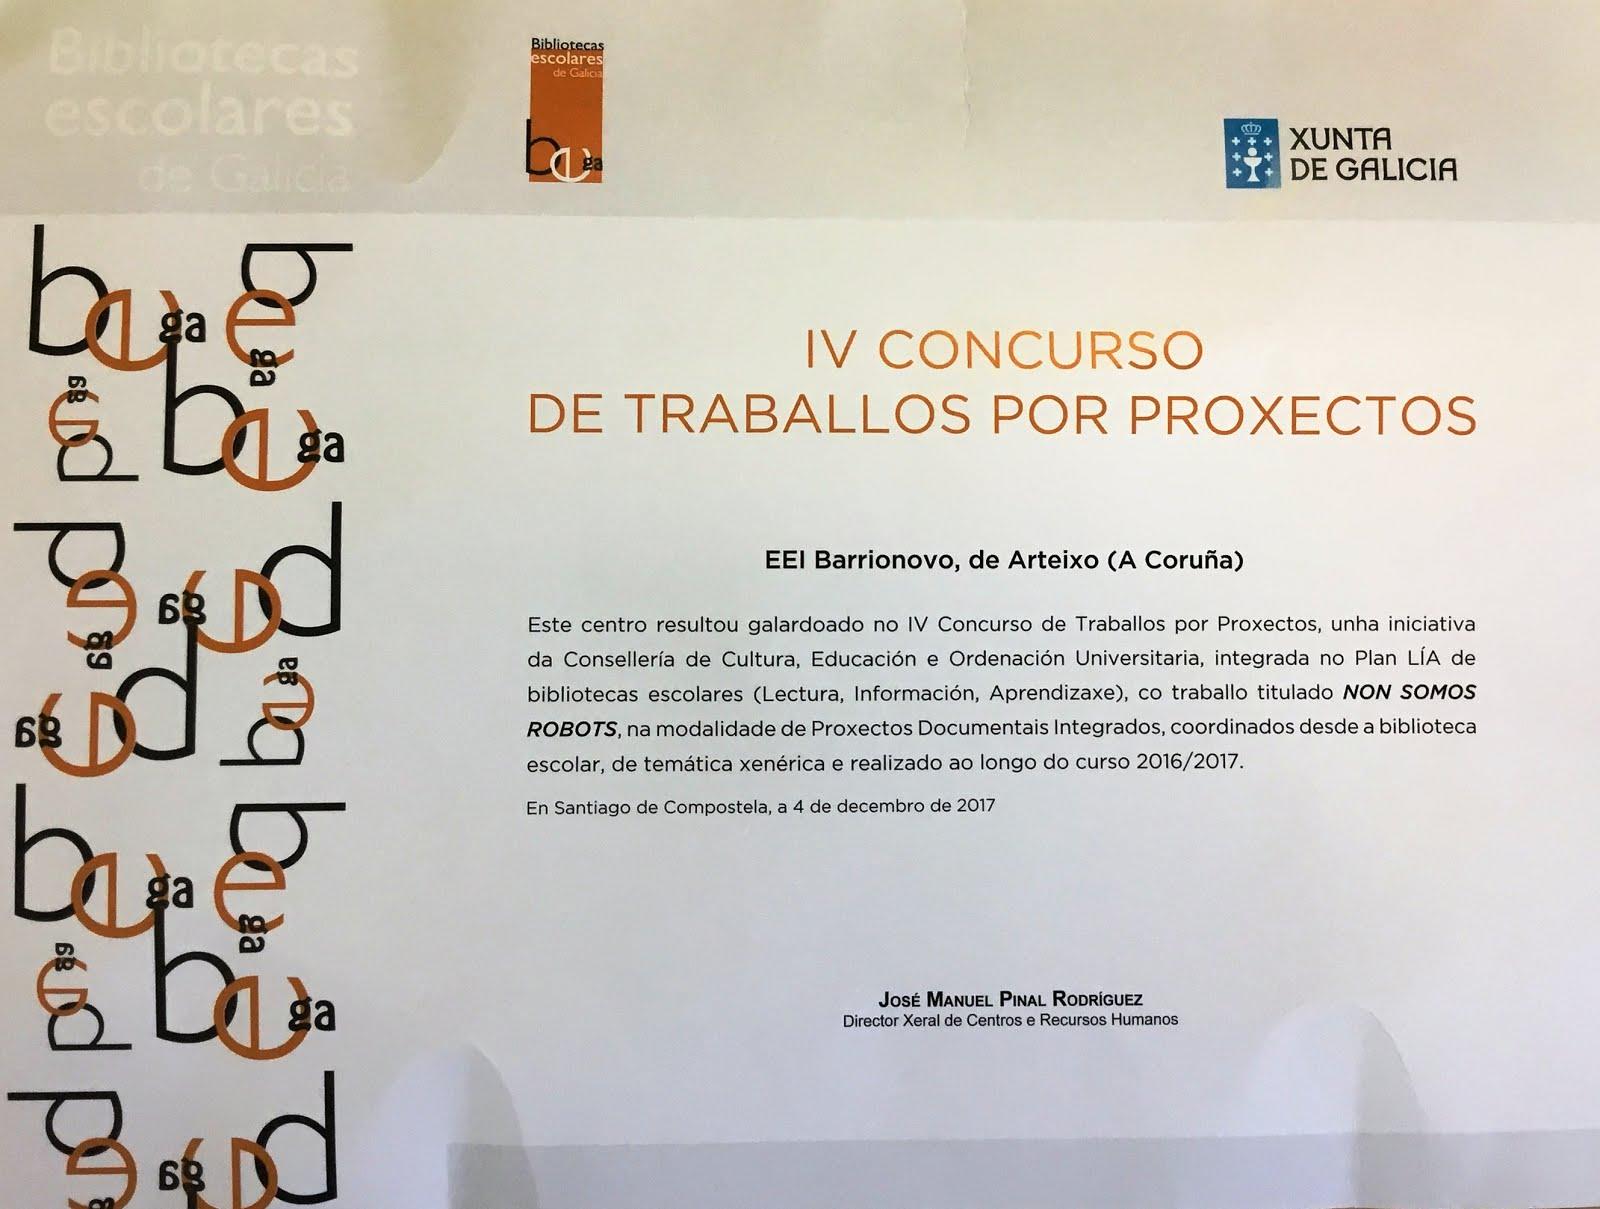 PREMIO IV CONCURSO DE TRABALLO POR PROXECTOS